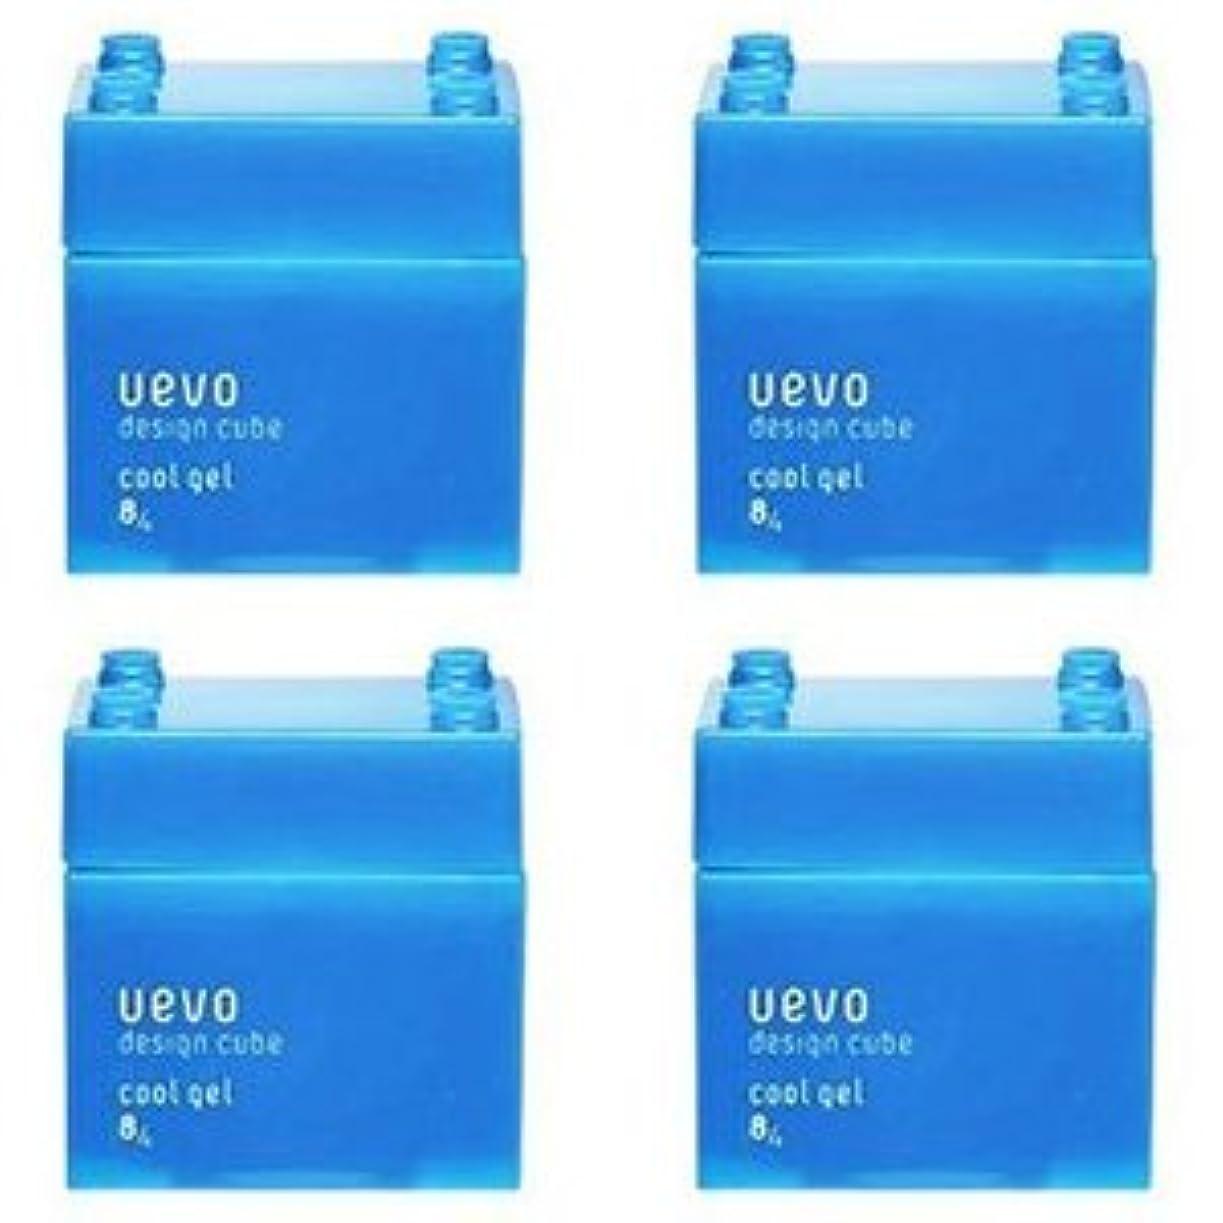 思い出欠陥腹部【X4個セット】 デミ ウェーボ デザインキューブ クールジェル 80g cool gel DEMI uevo design cube